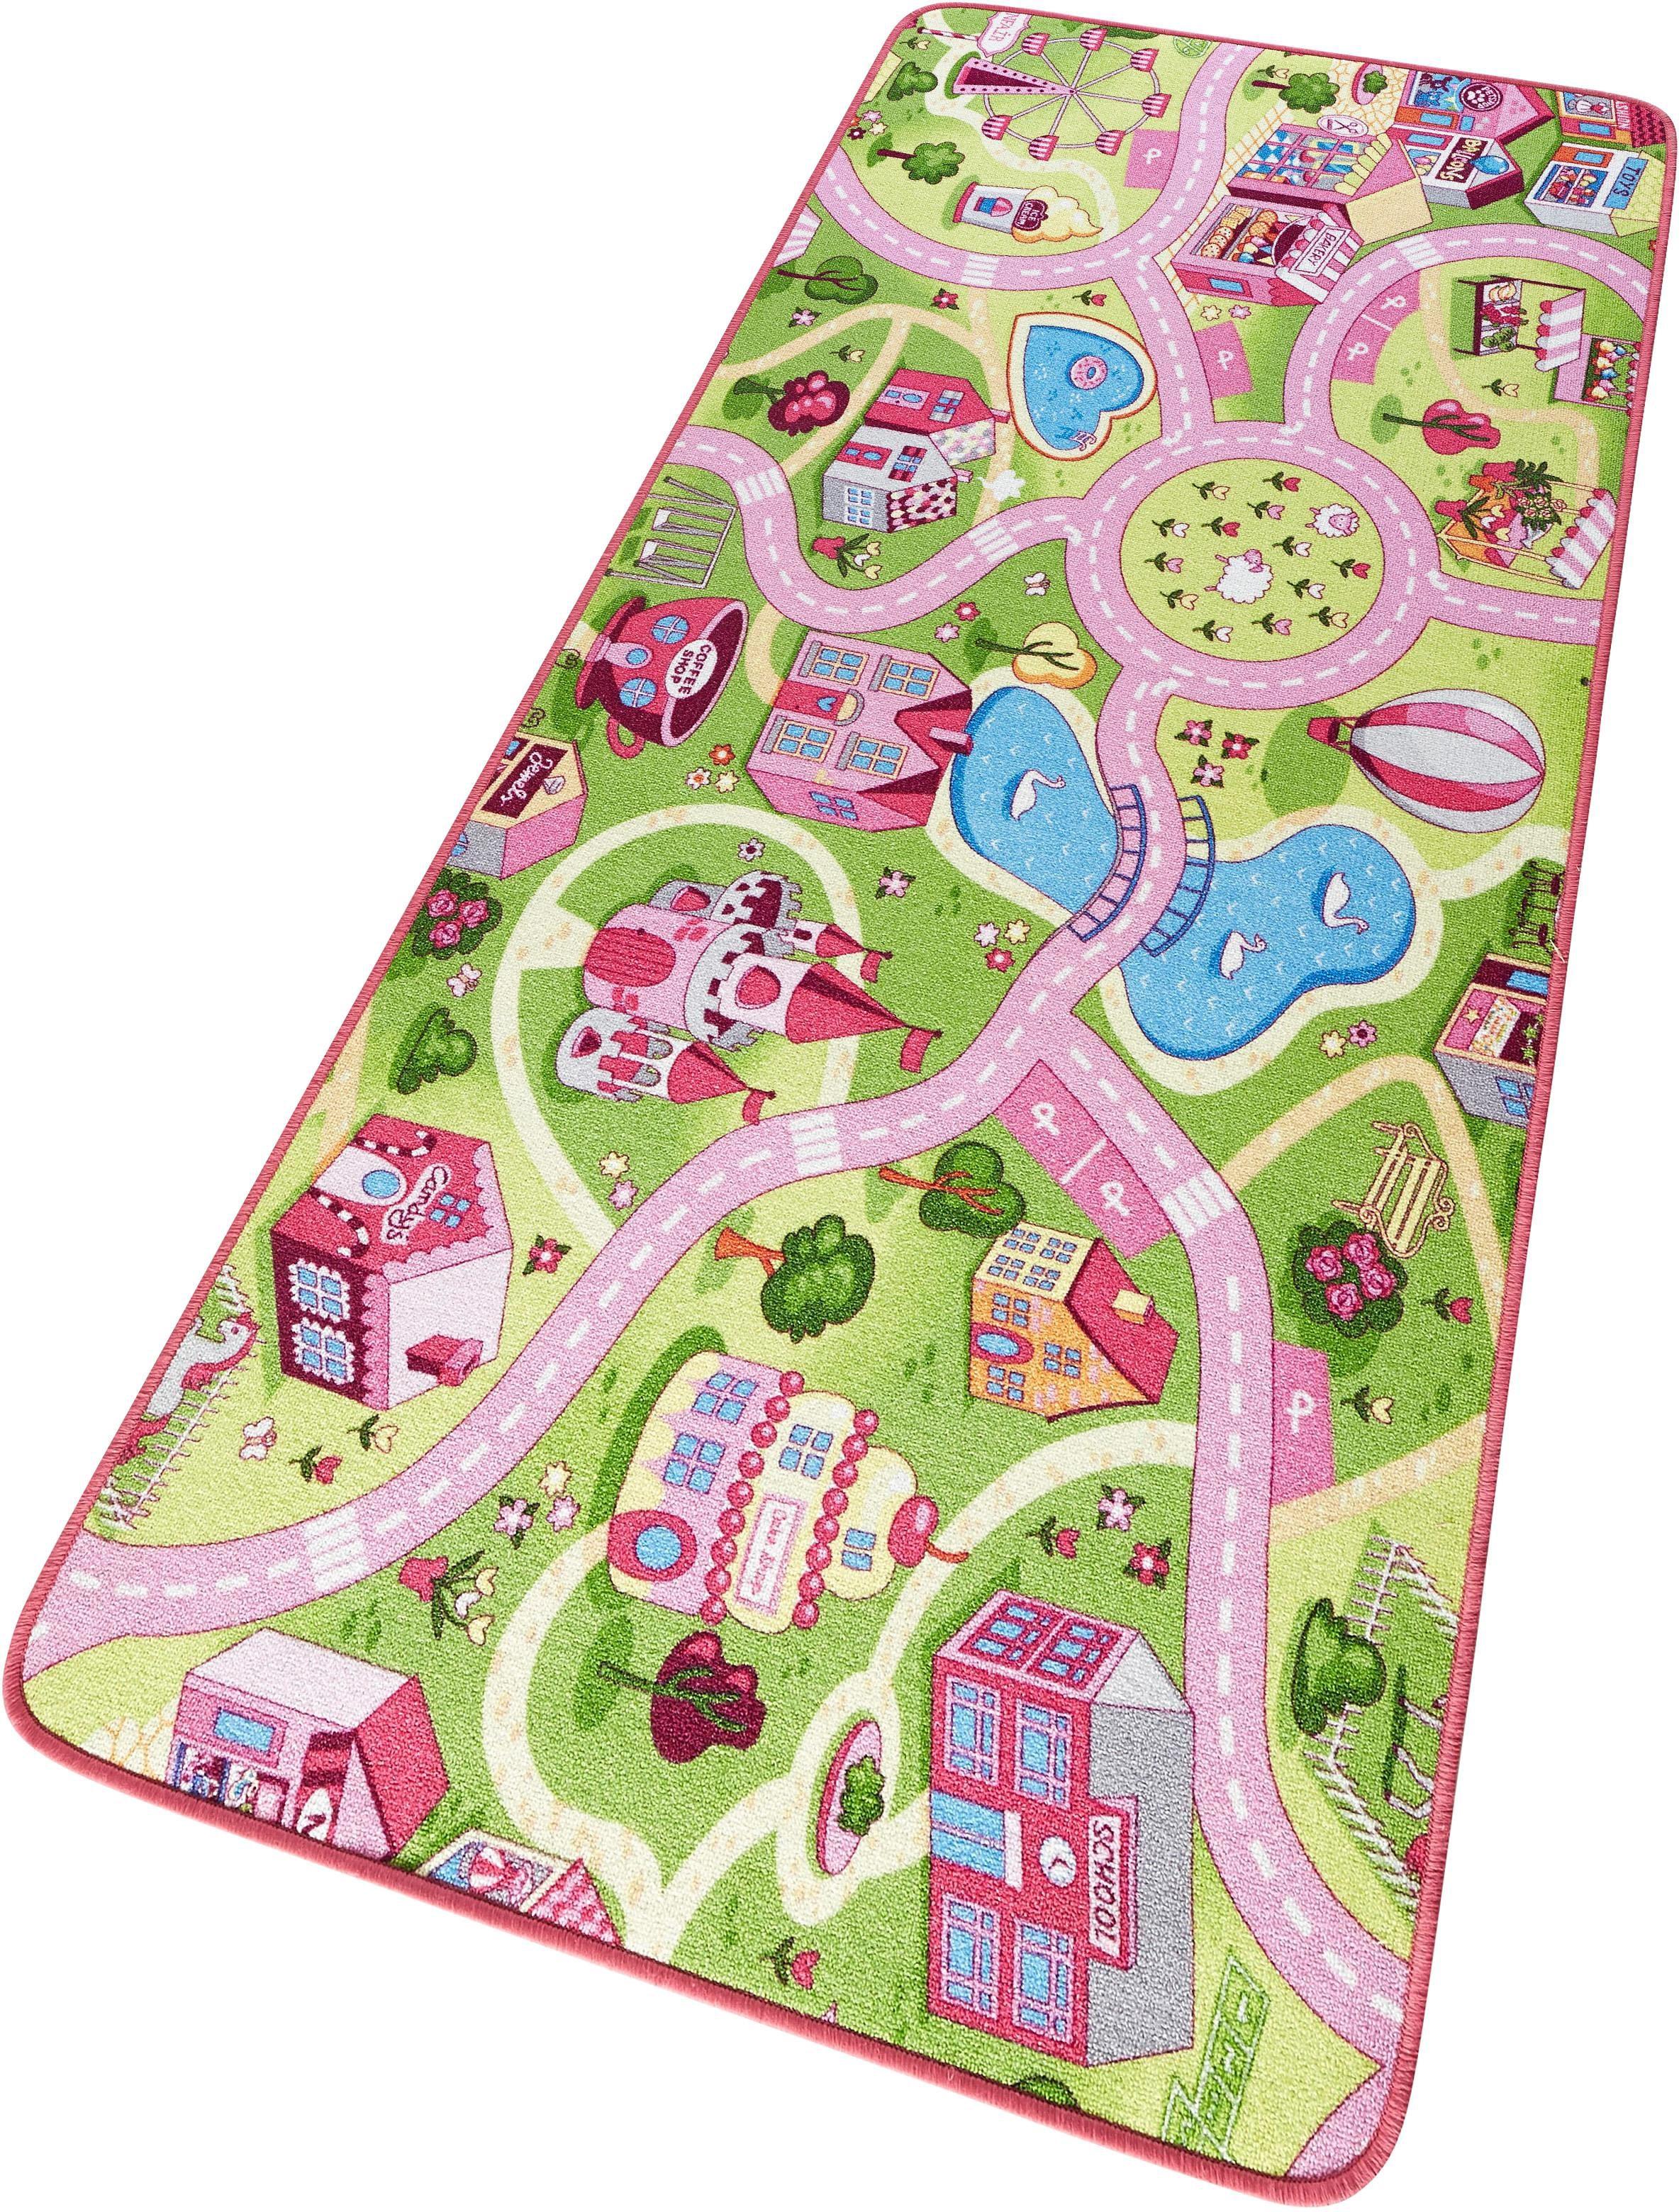 Kinderteppich »Sweettown«, HANSE Home, rechteckig, Höhe 7 mm, Straßenteppich